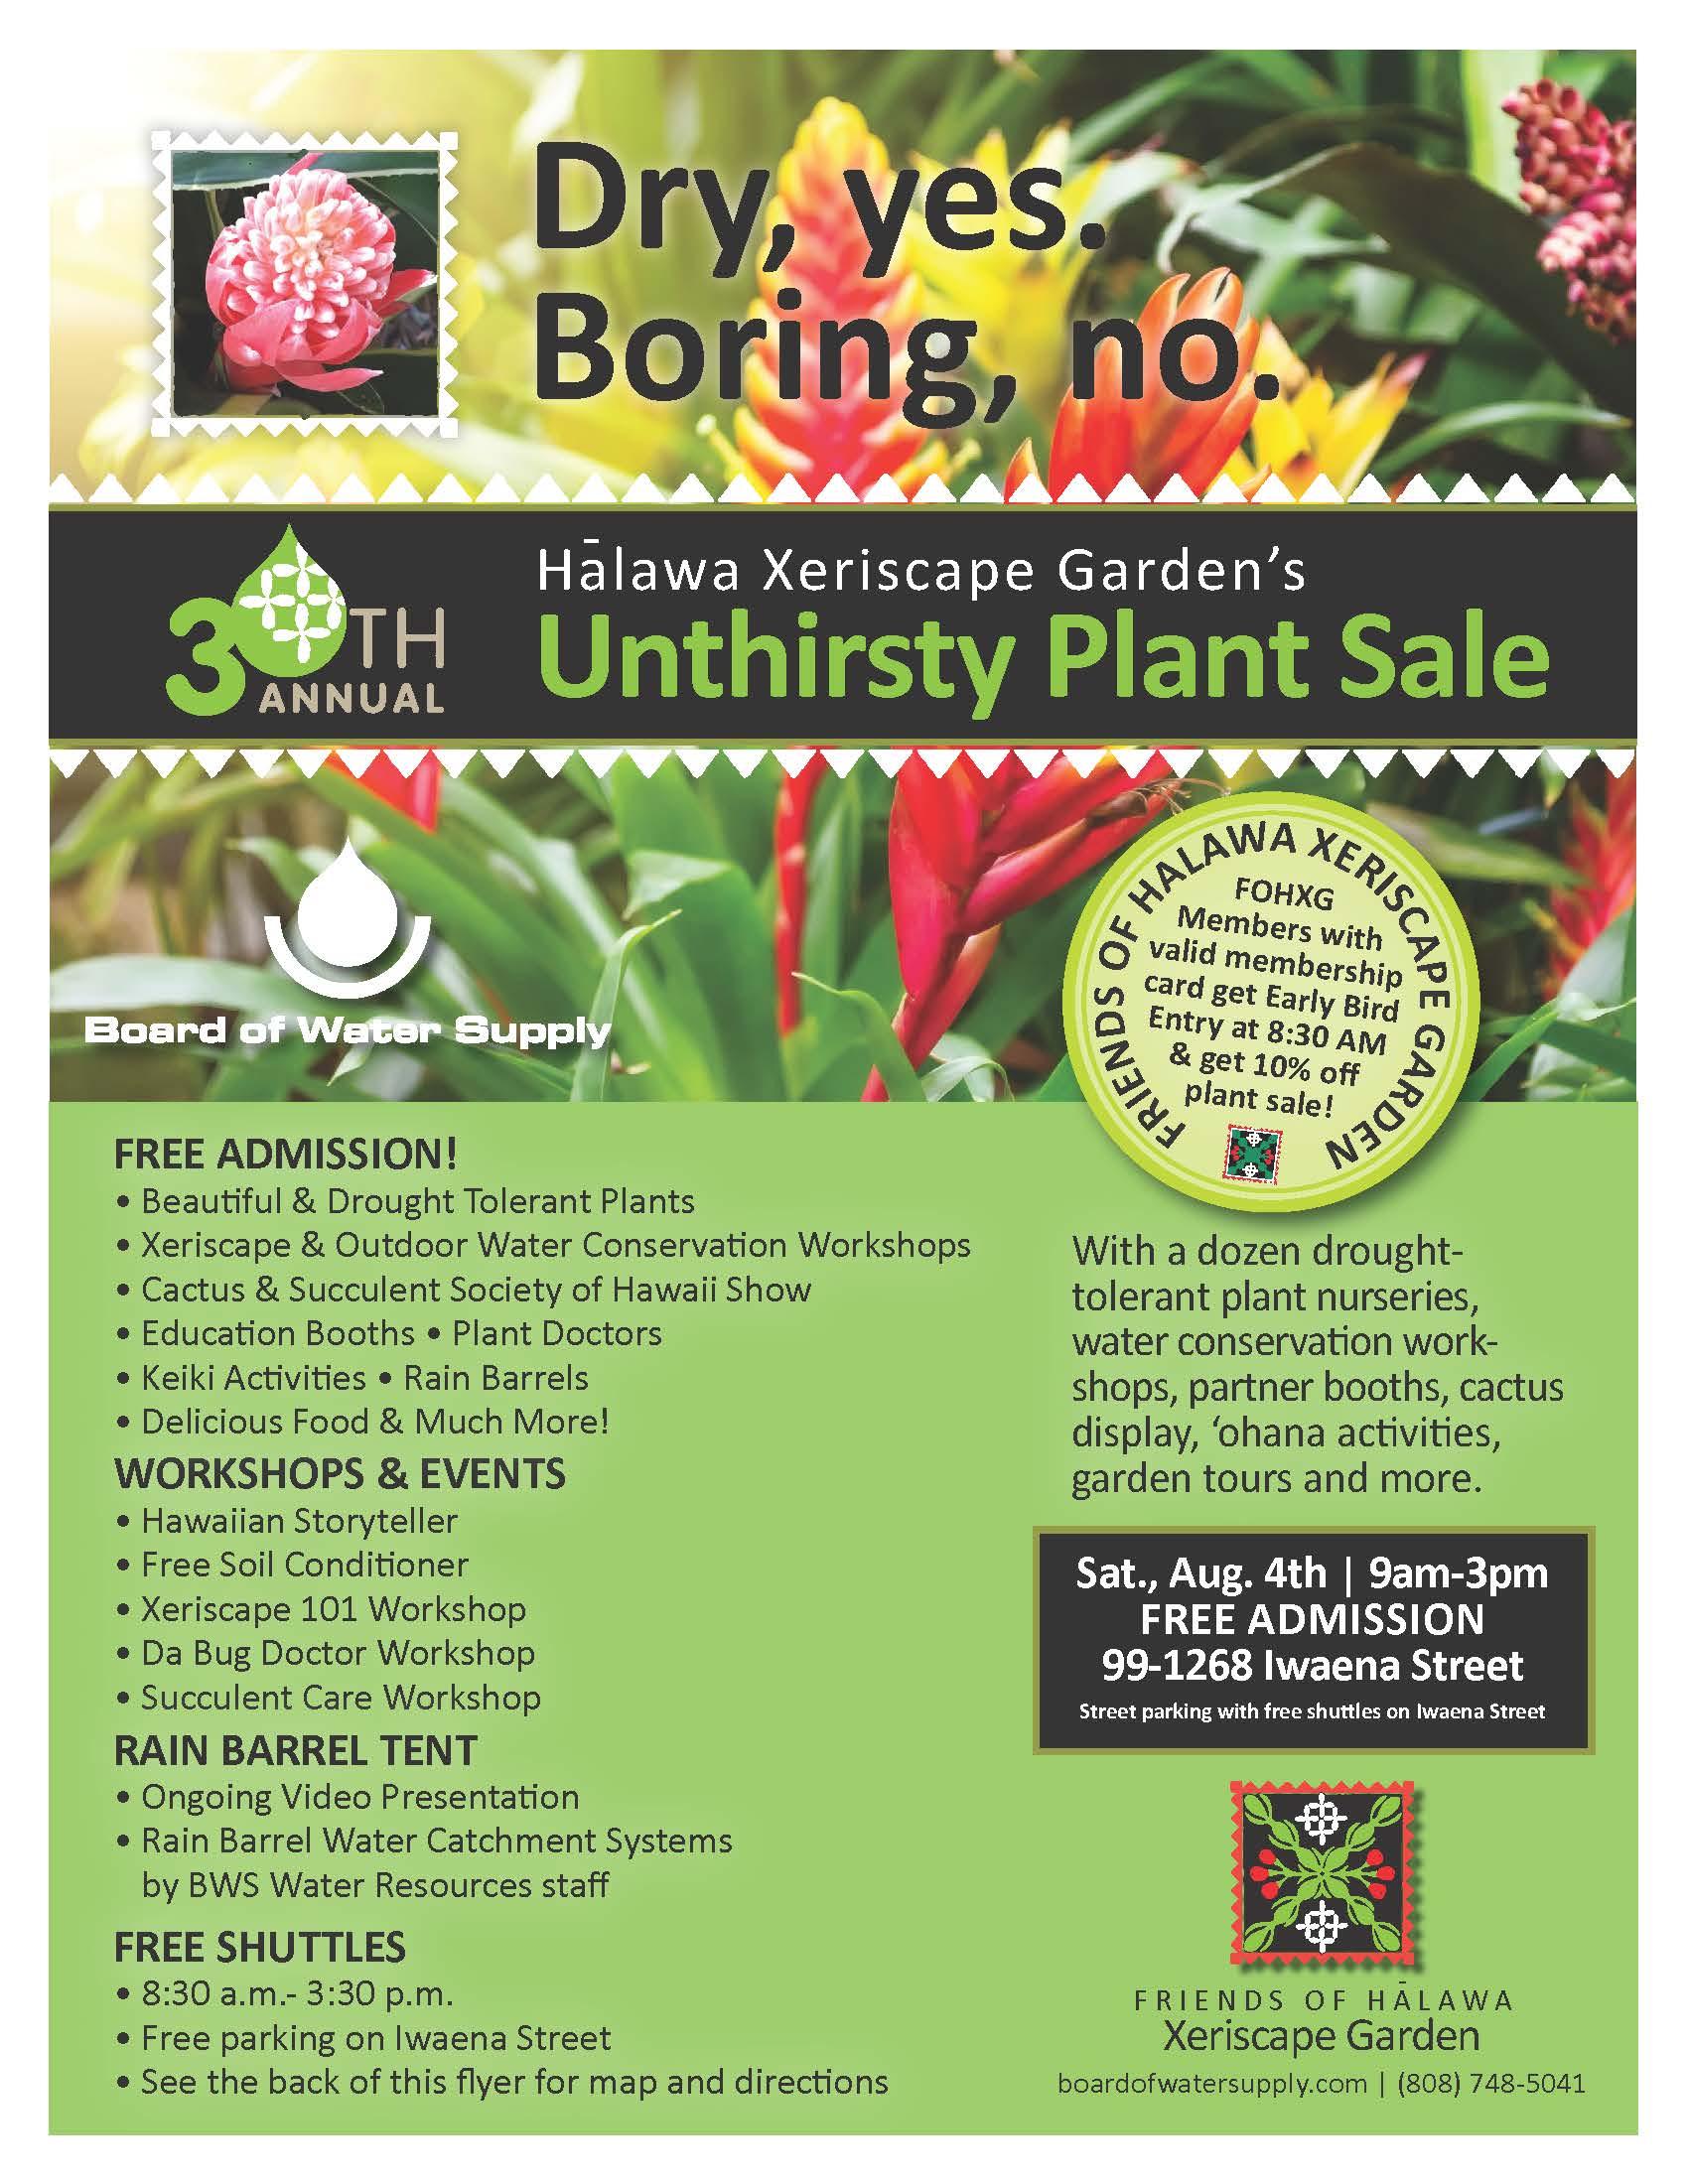 unthirsty-plant-sale-flyer-2018-08-04.jpg